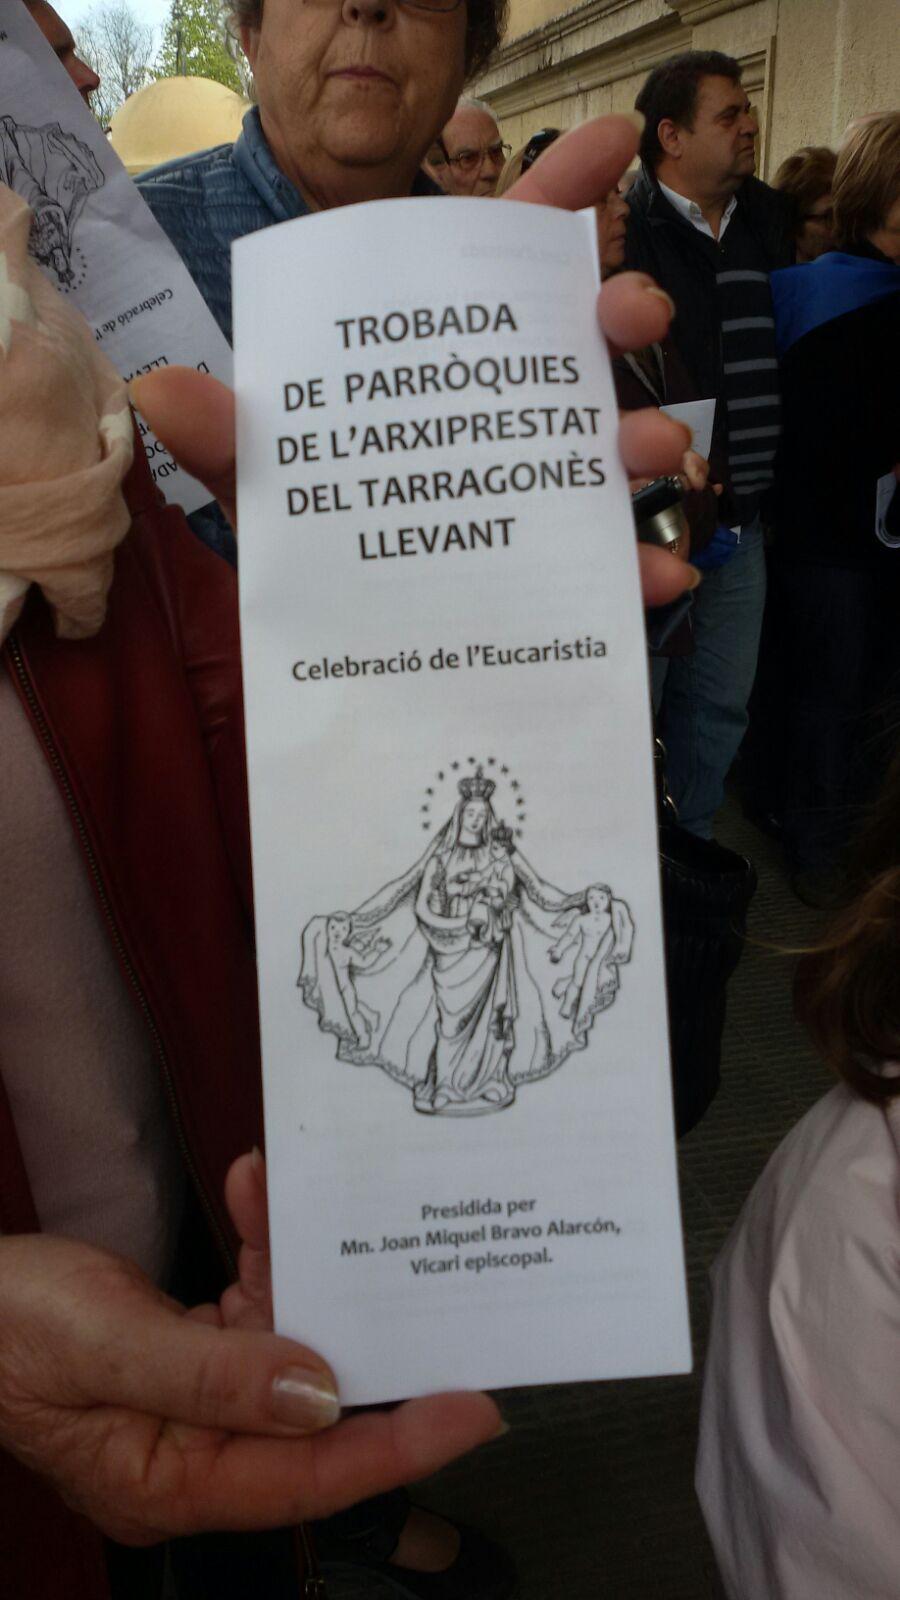 Peregrinació Tarragonés Llevant (10-4-2016)